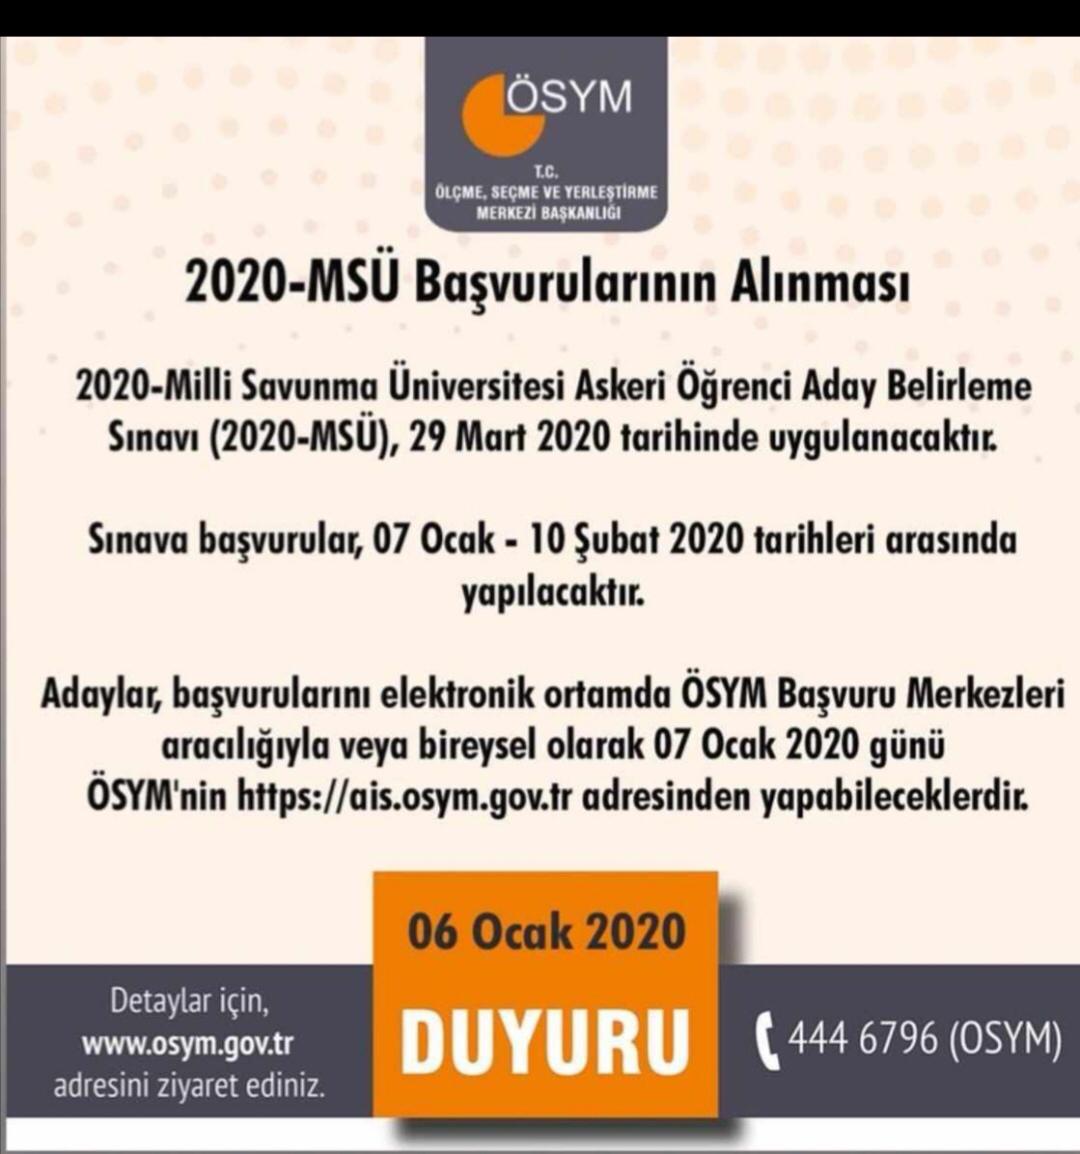 Ösym sınav başvuru merkezleri 2020